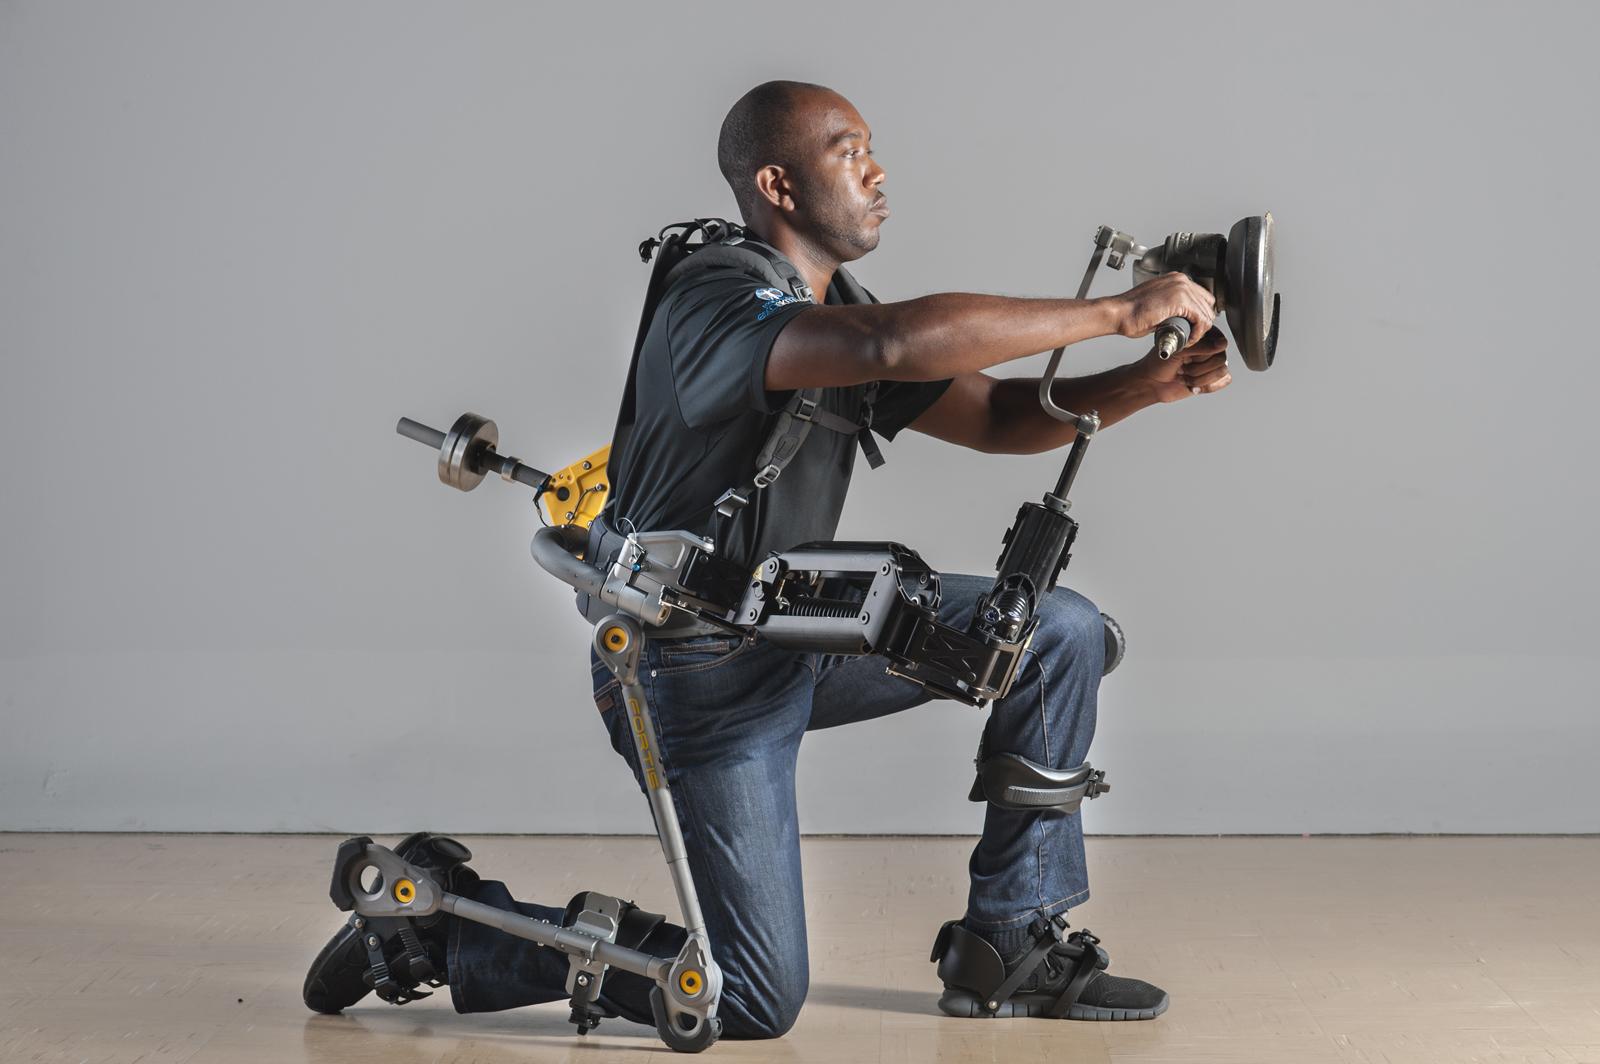 Fortis exoskeleton. Image credit: FORTIS